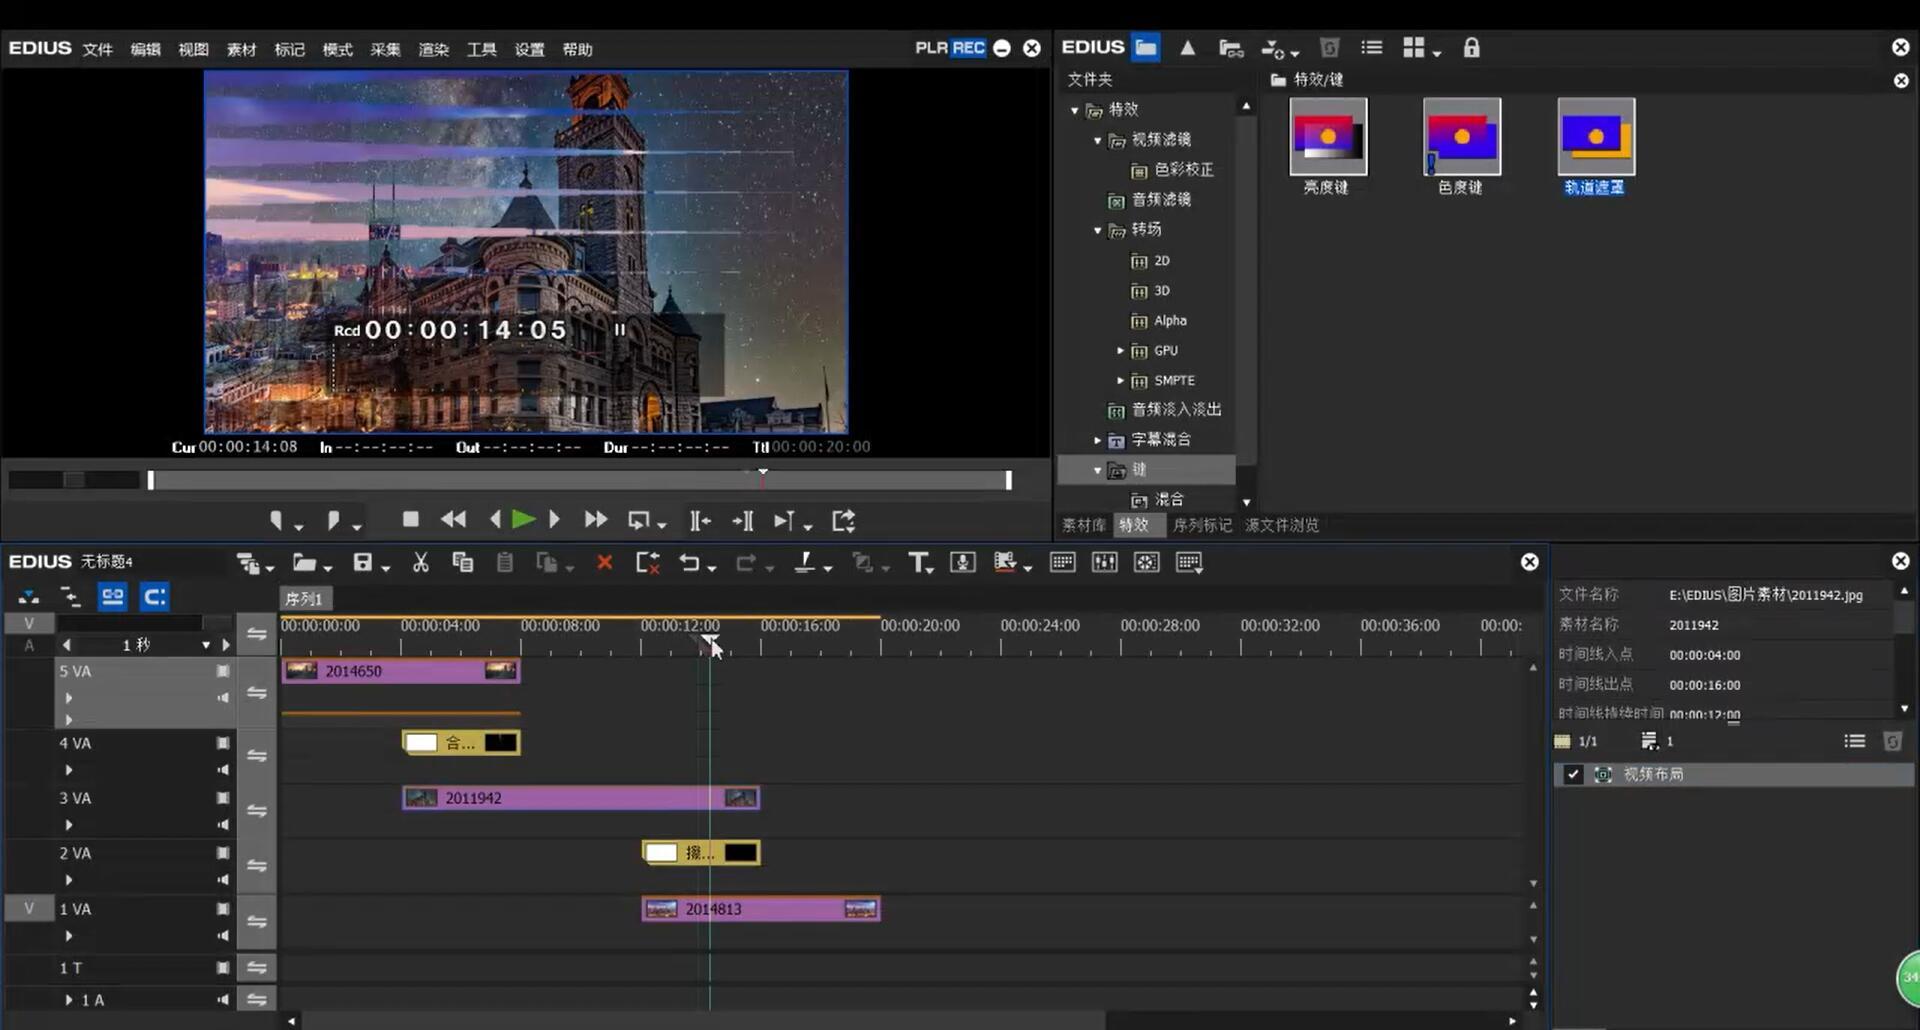 如何使用视频剪辑软件EDIUS制作擦除转场效果